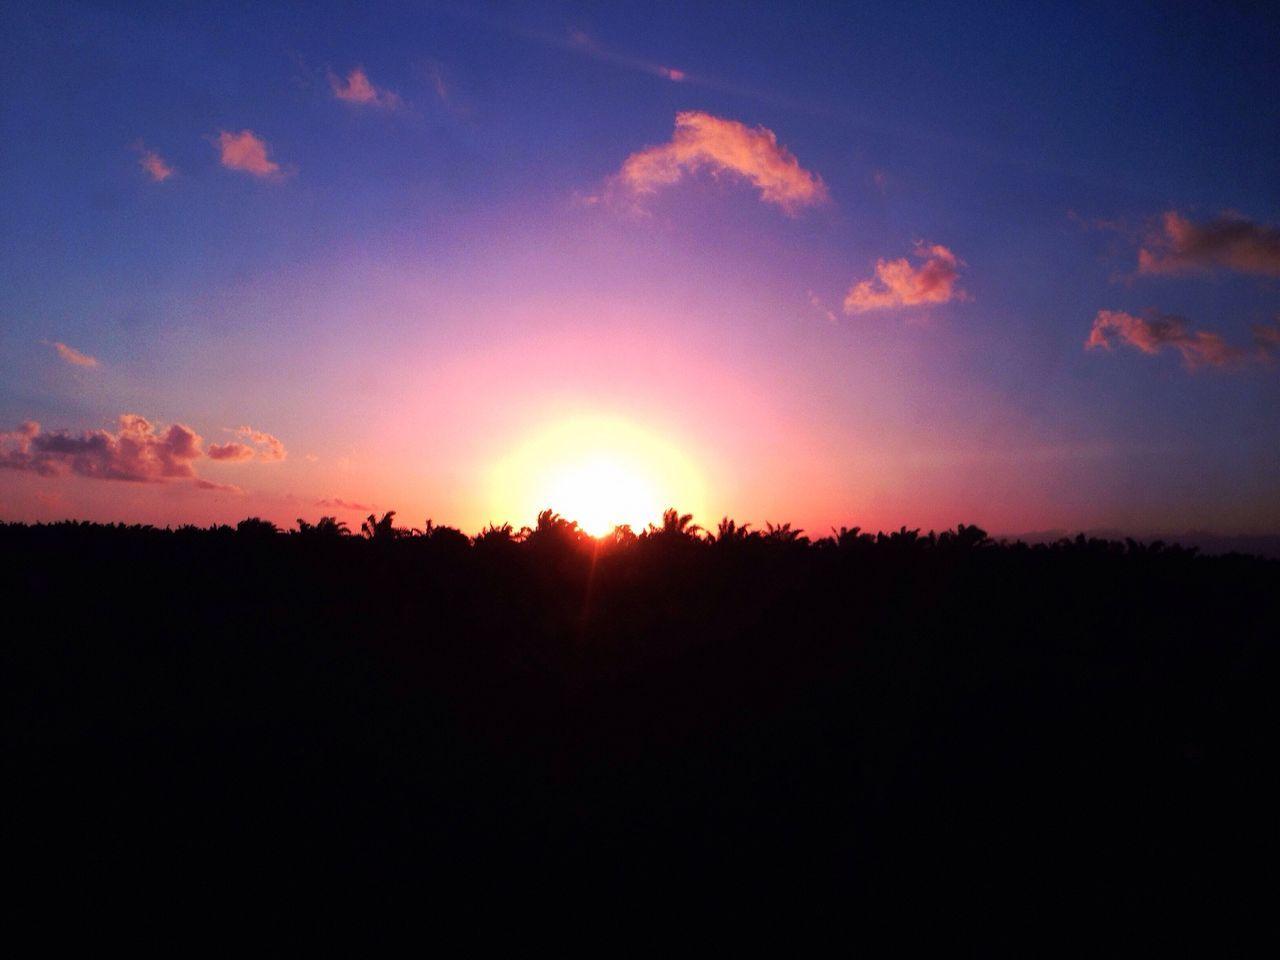 Sunset Untuk Yang Kesekian Kalinya Blue Sky Kebun Kelapa Sawit Tanah Bumbu Bumi Bersujud Kalimantan Selatan INDONESIA EyeEm Indonesia